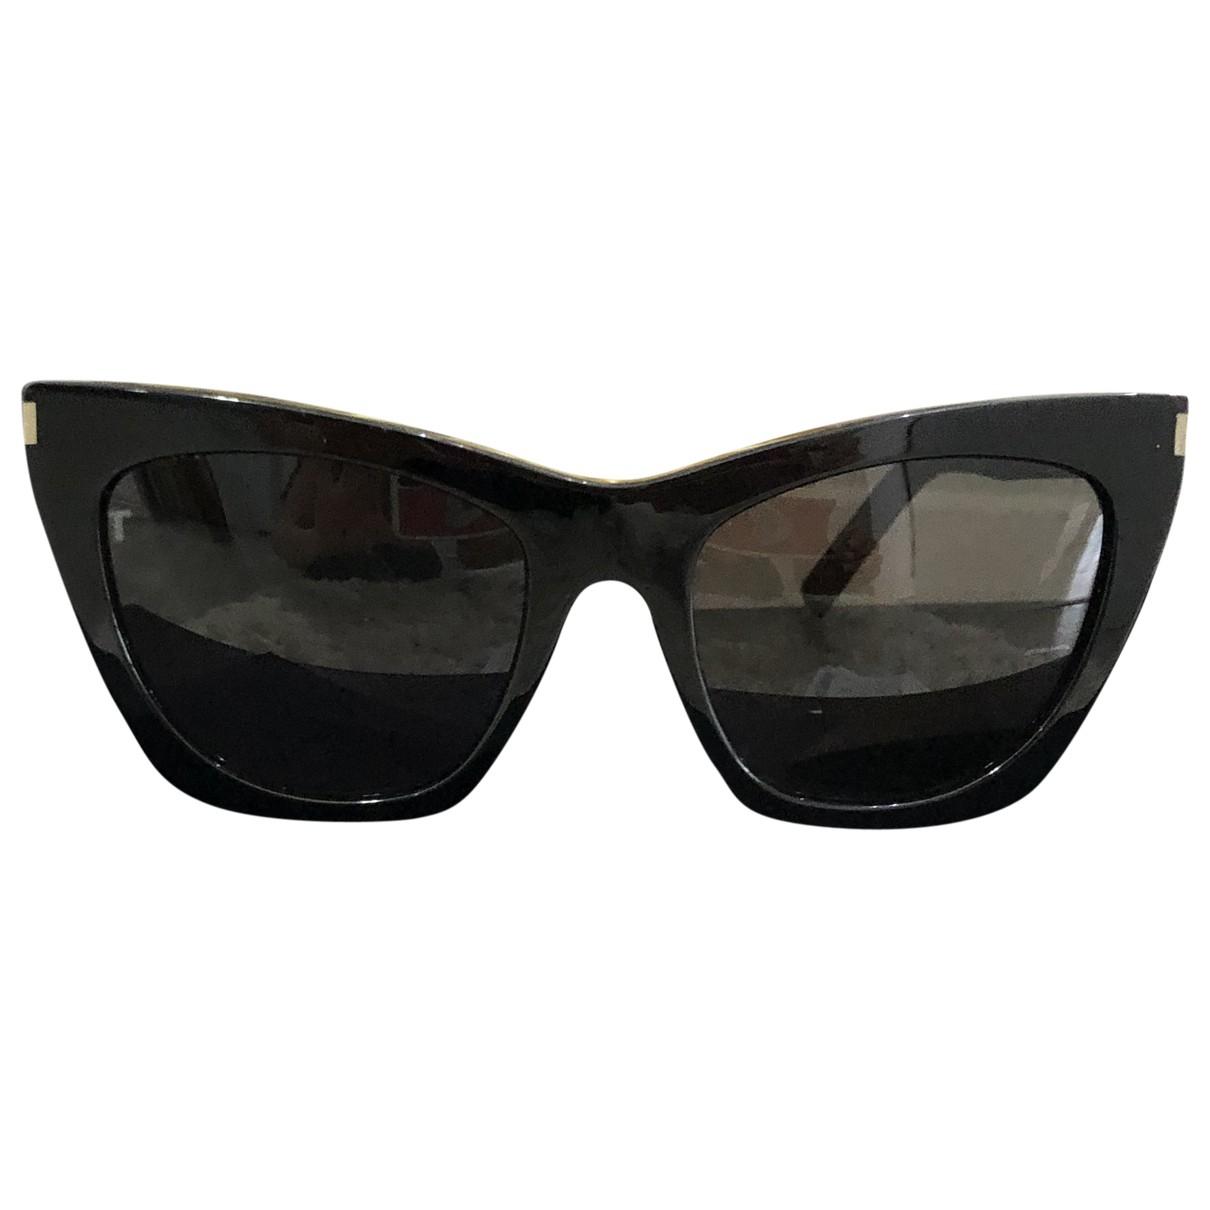 Gafas oversize New Wave Saint Laurent